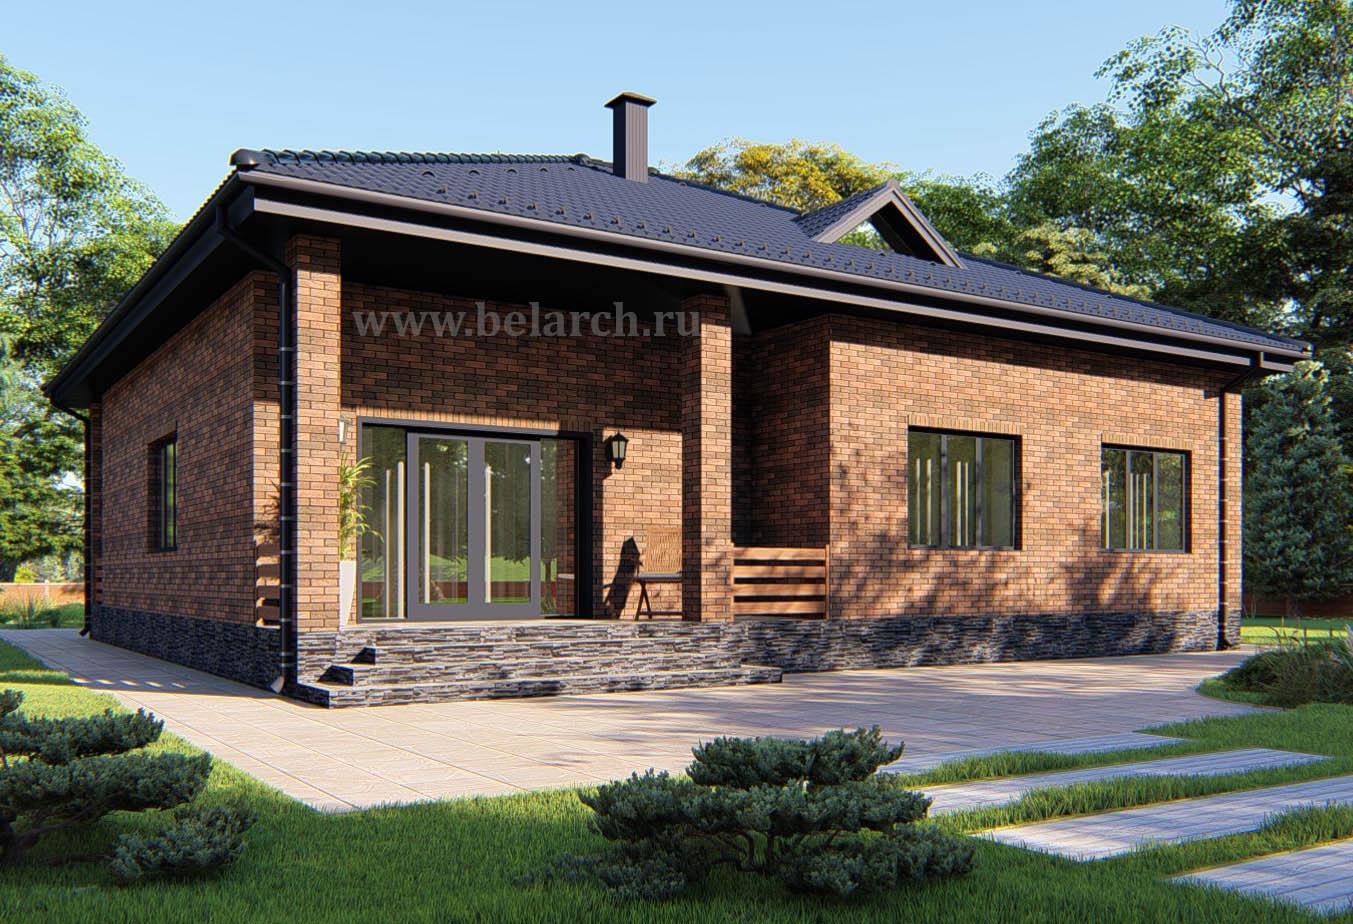 Проект дома из керамических блоков (теплой керамики) до 150 кв.м.